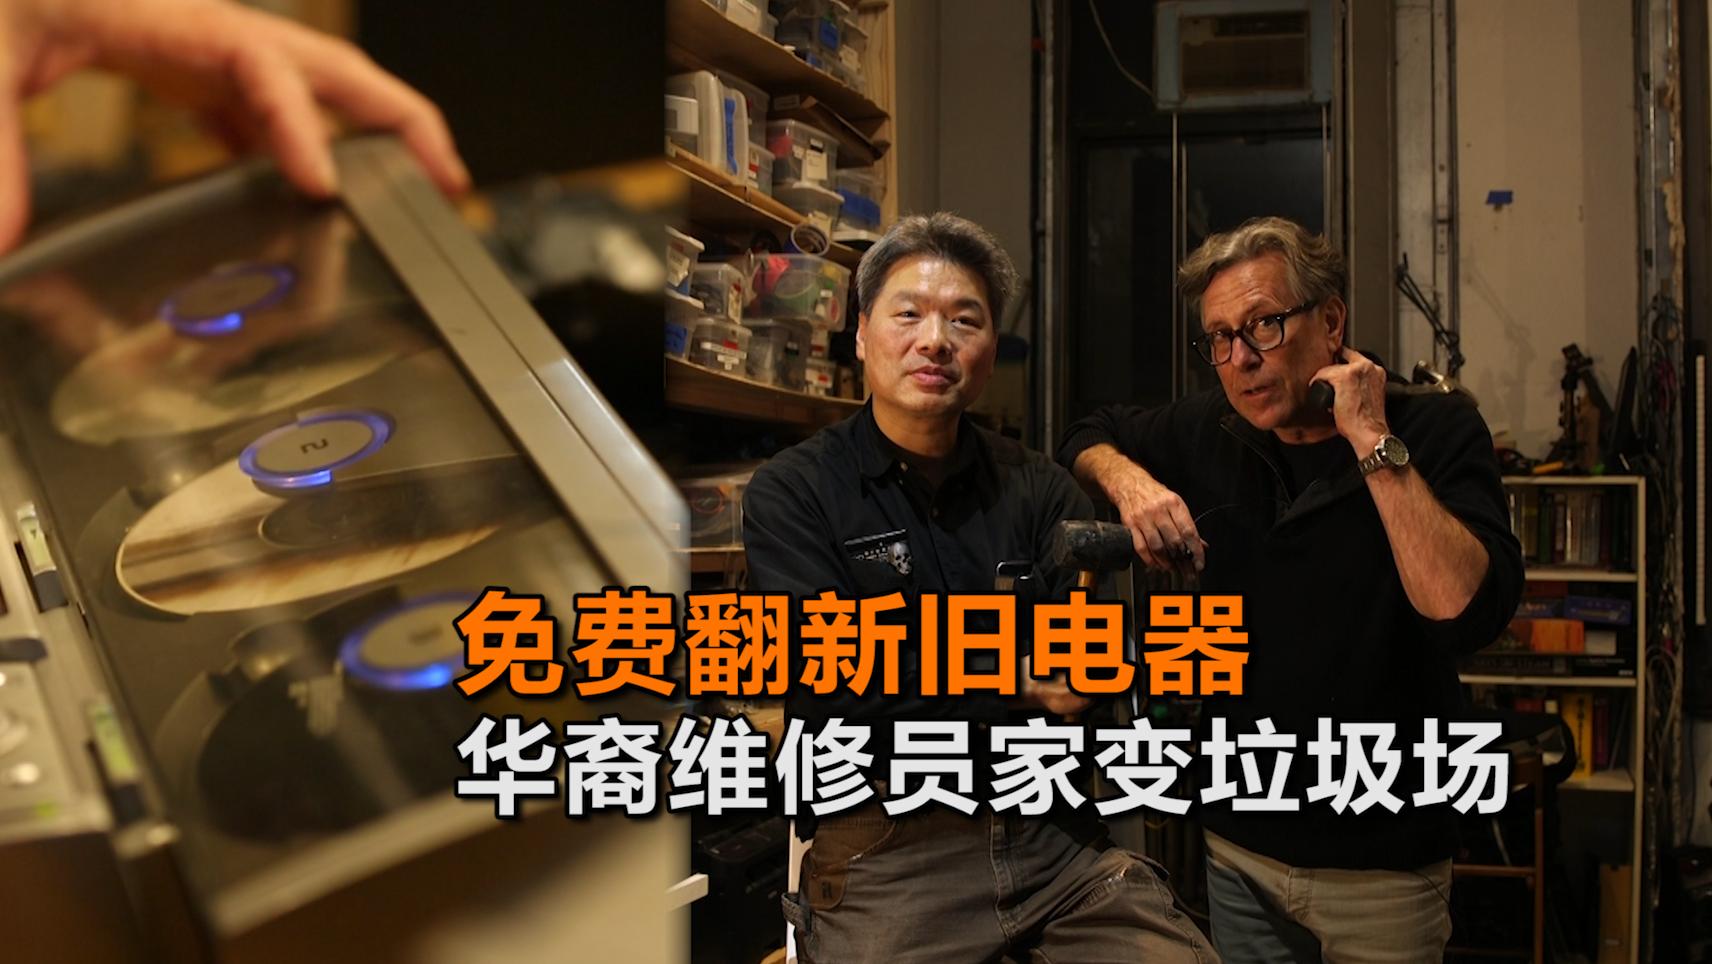 免费翻新旧电器 华裔维修员家变垃圾场